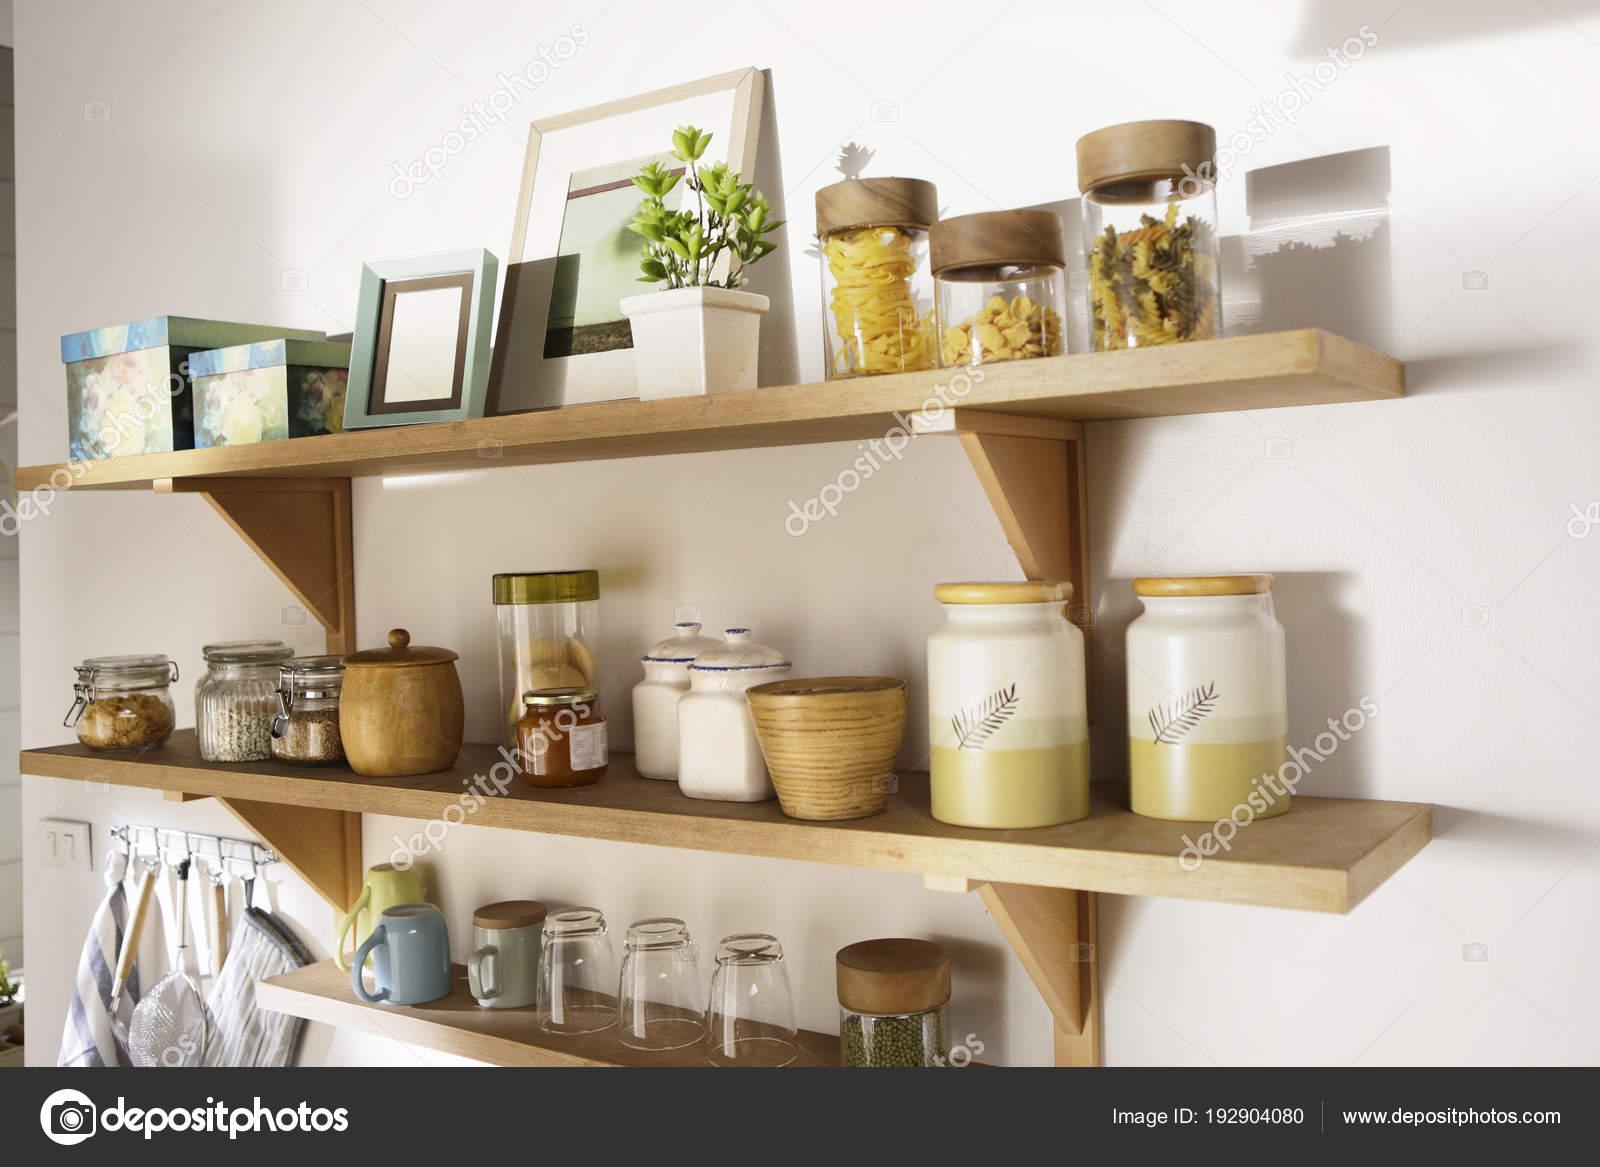 Houten plank en containers op de muur u stockfoto siva ontherock